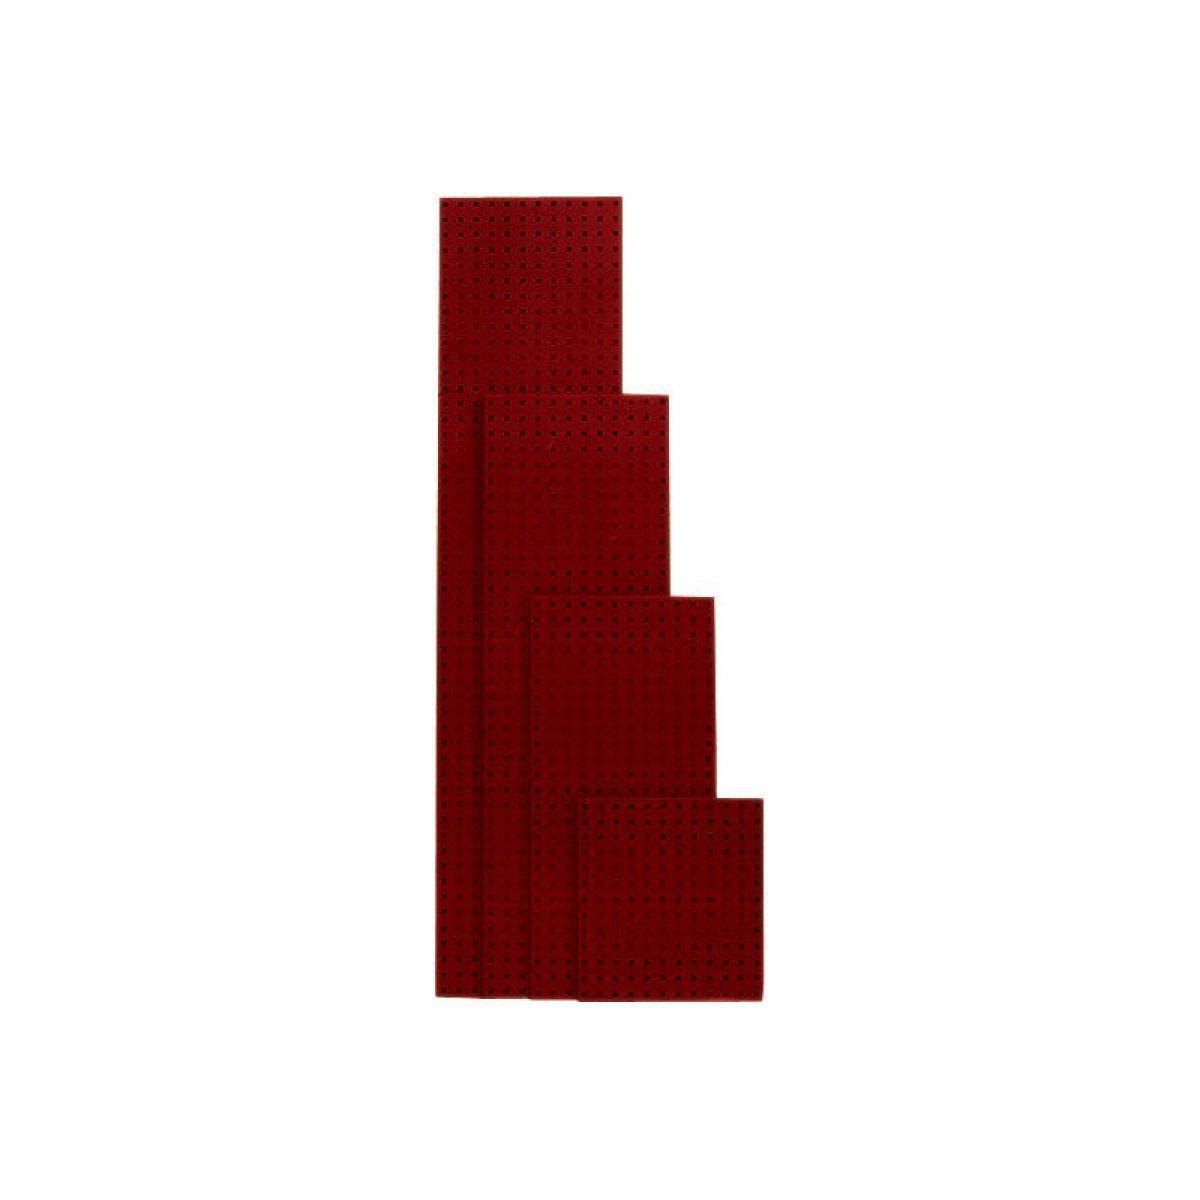 Bott Plaque perforée 991x457 mm rouge poupre RAL 3004